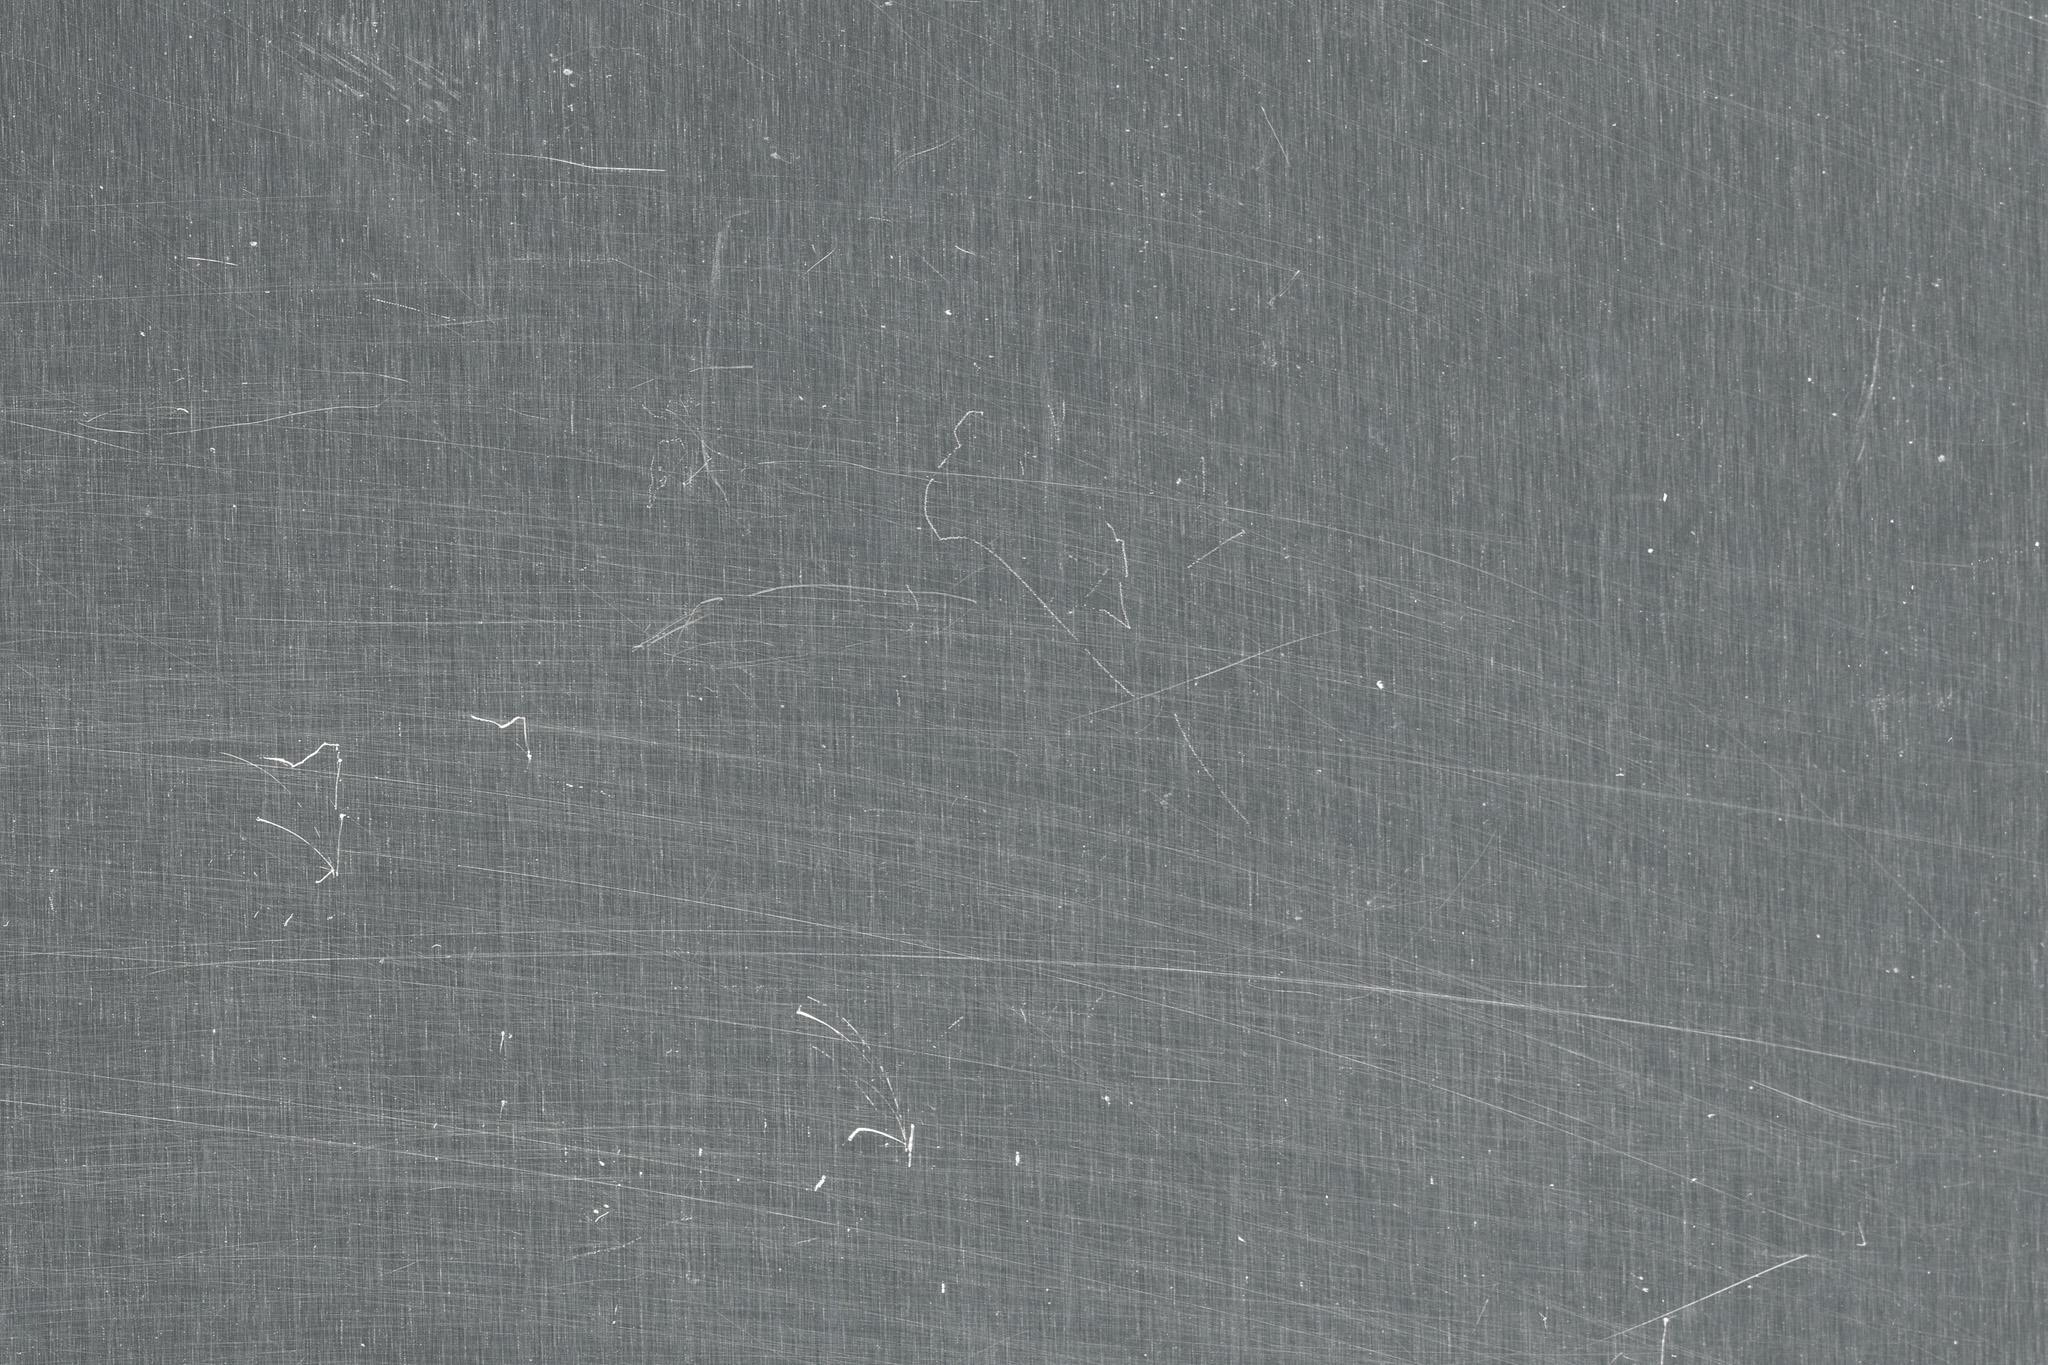 「いくつもの擦り傷がある鉄板」の画像を無料ダウンロード